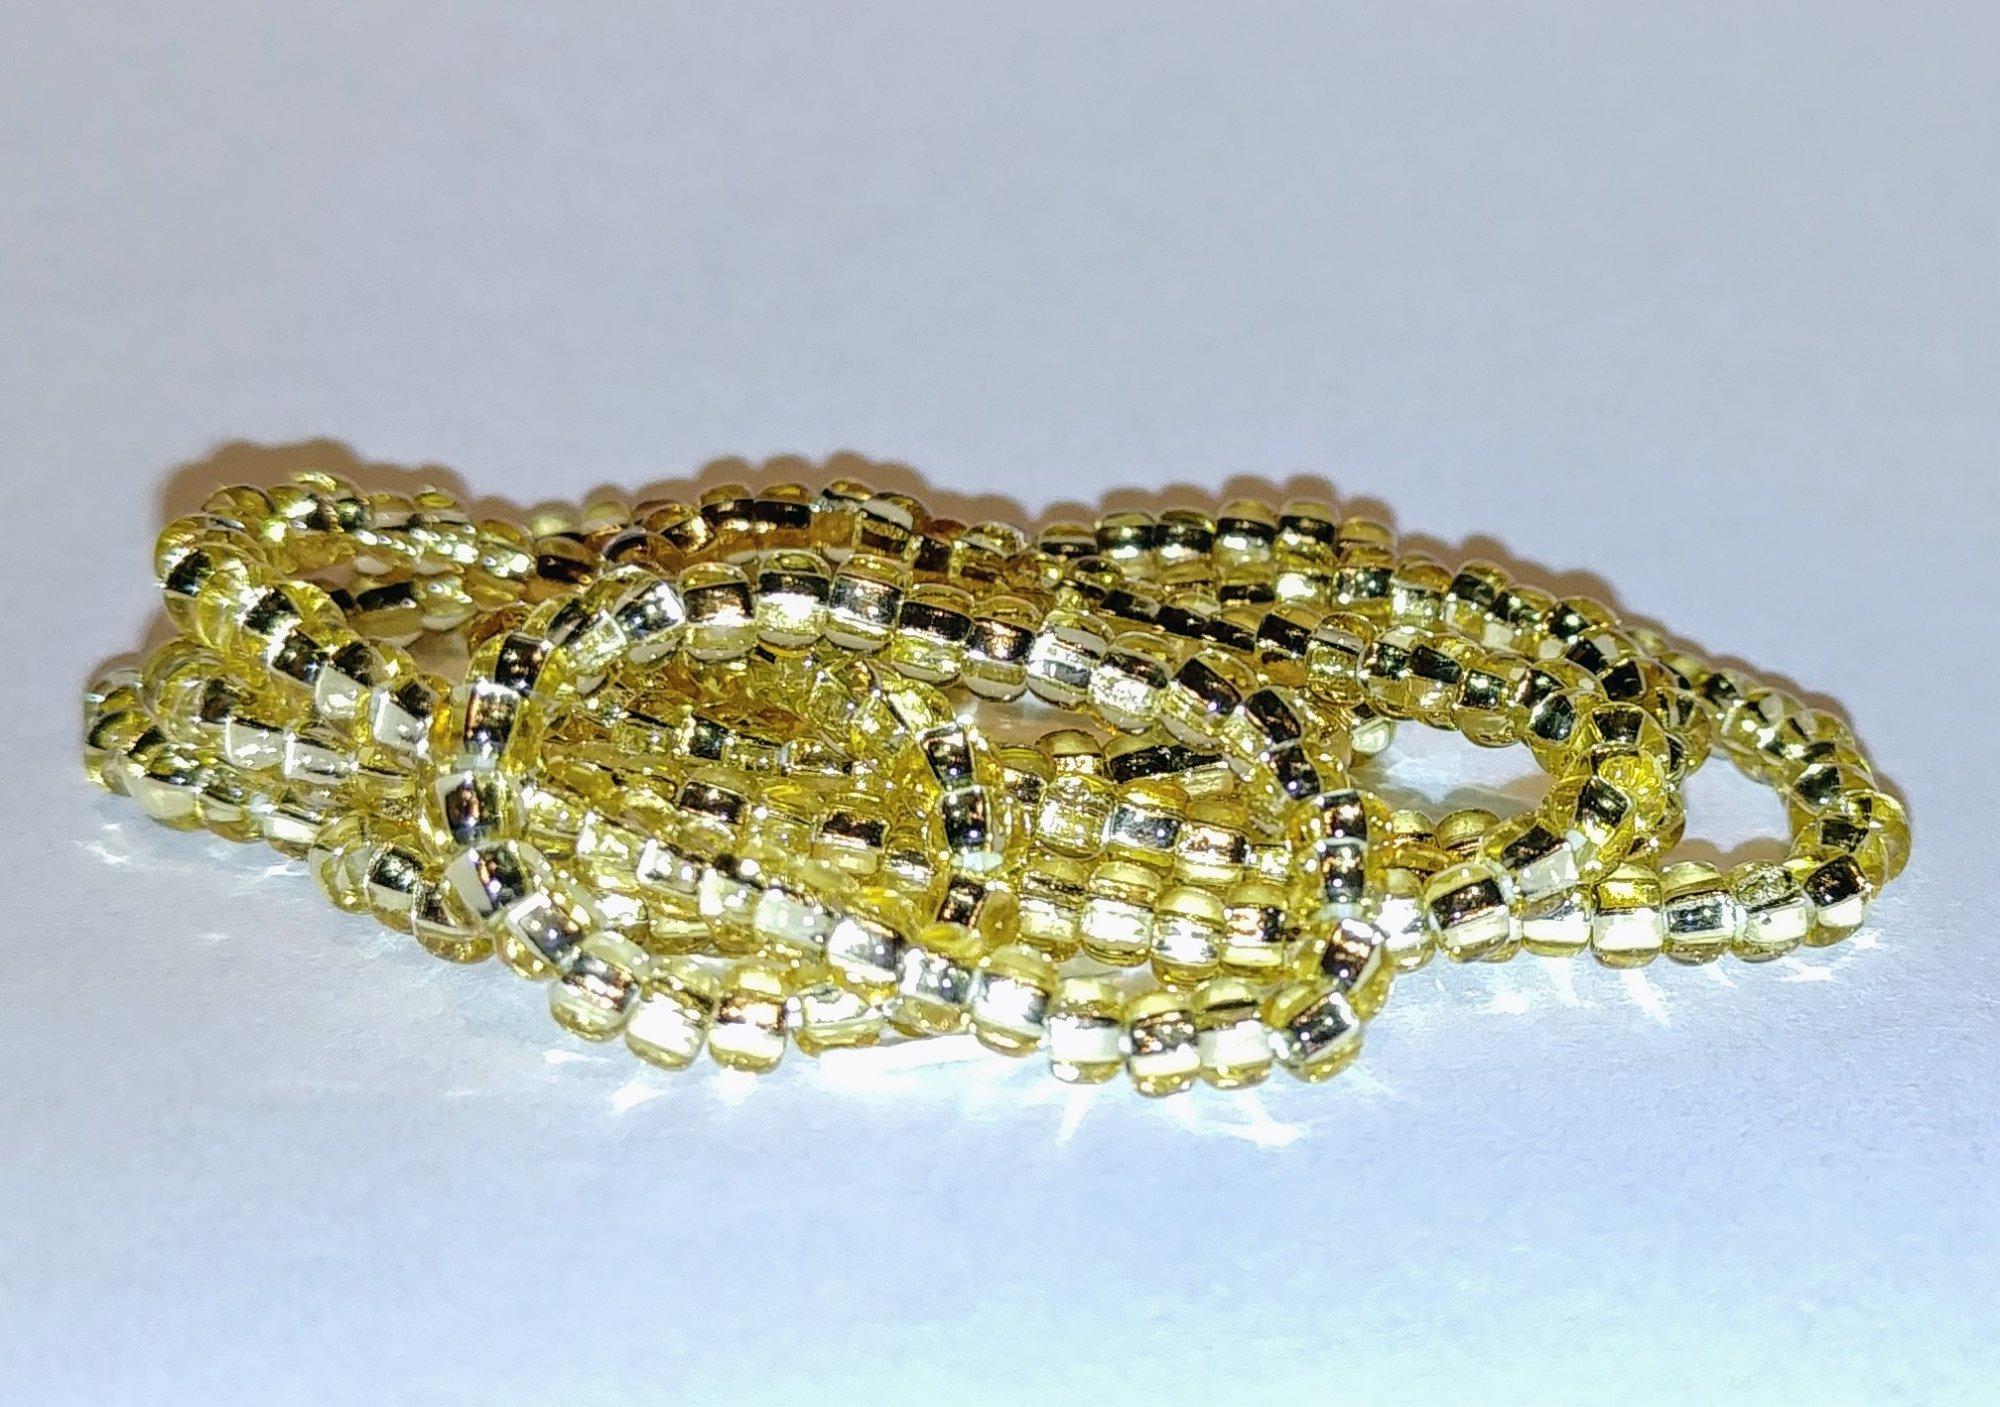 Kokomo Glitz Beads